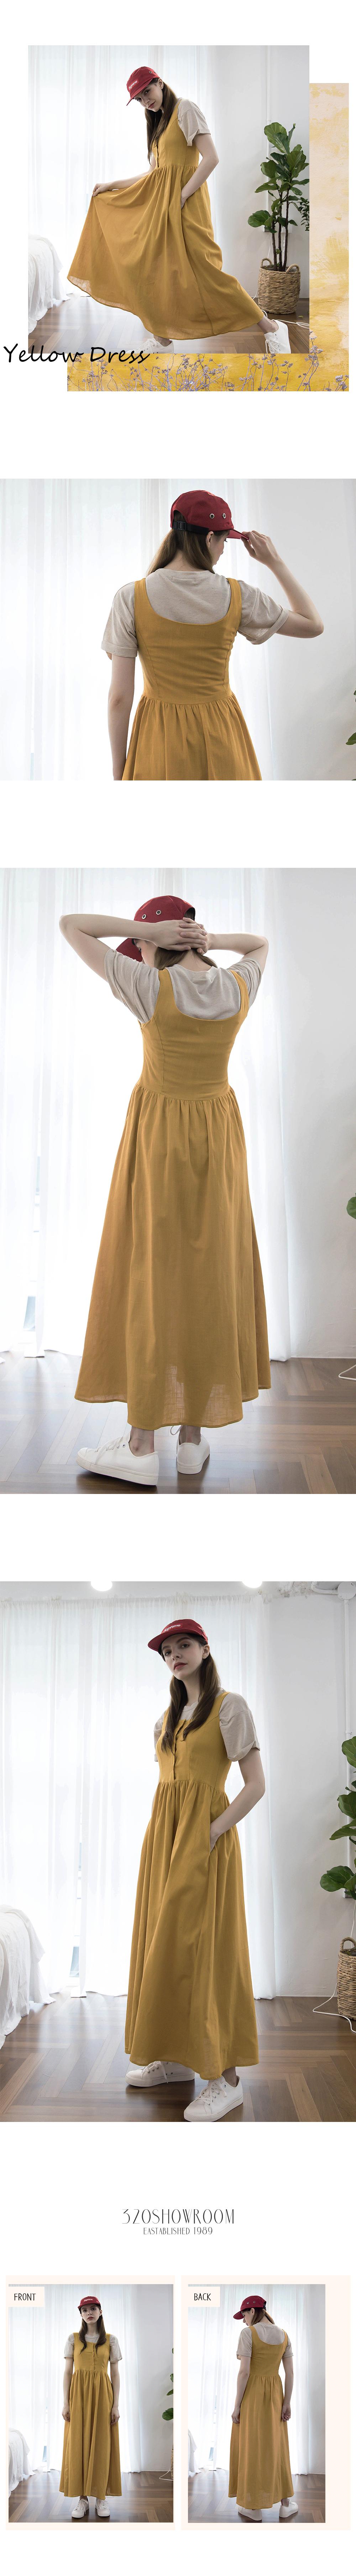 sleeves-dress-_yl_DETAIL1_02.jpg